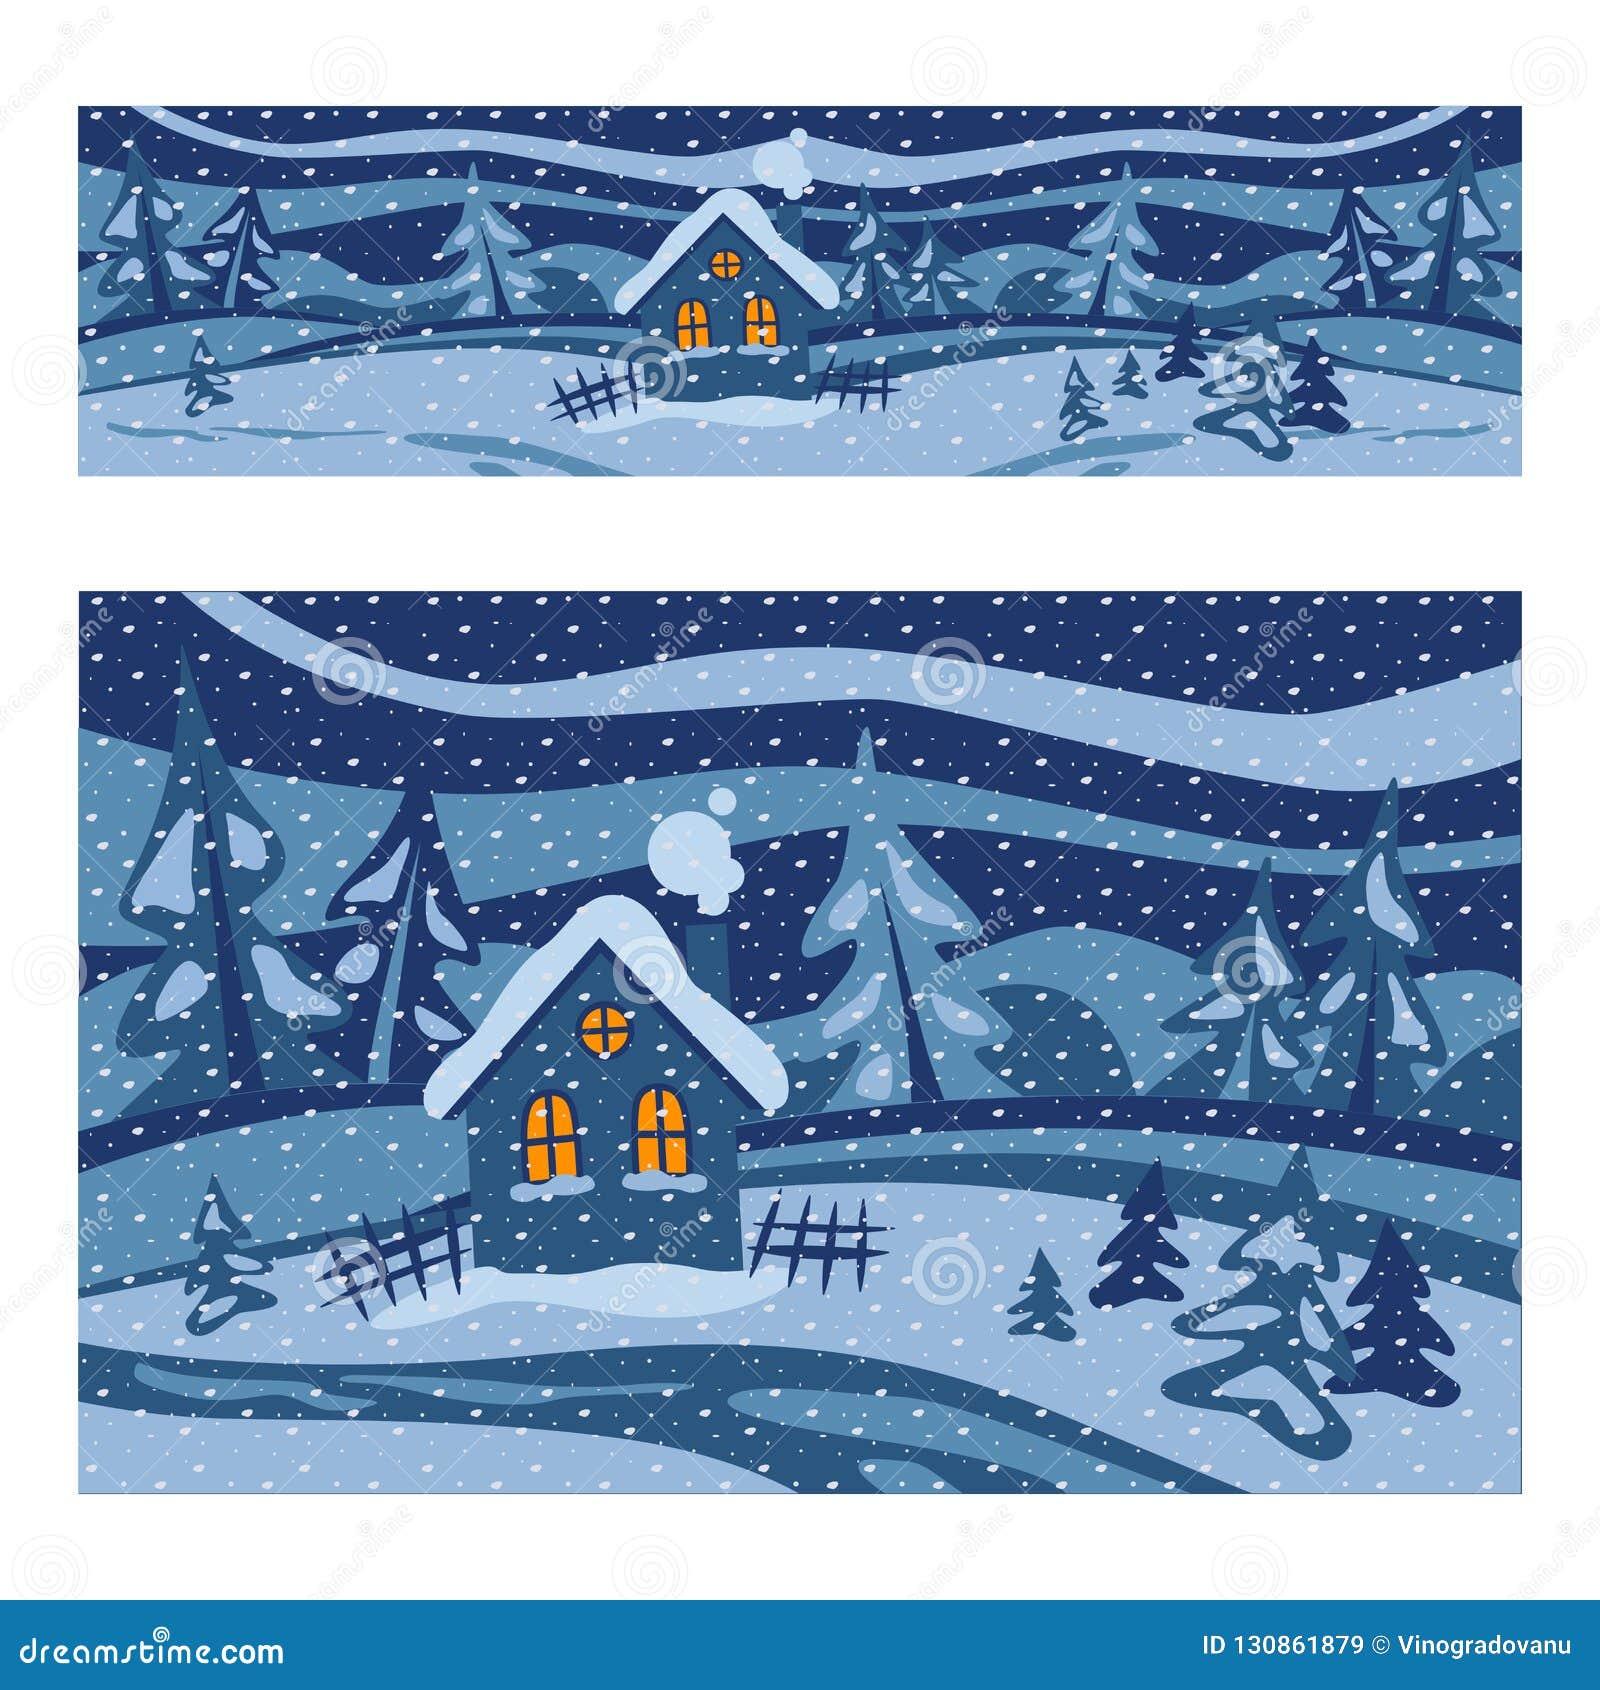 χειμώνας τοπίων σπιτιών απεικόνιση Χειμερινή ιστορία